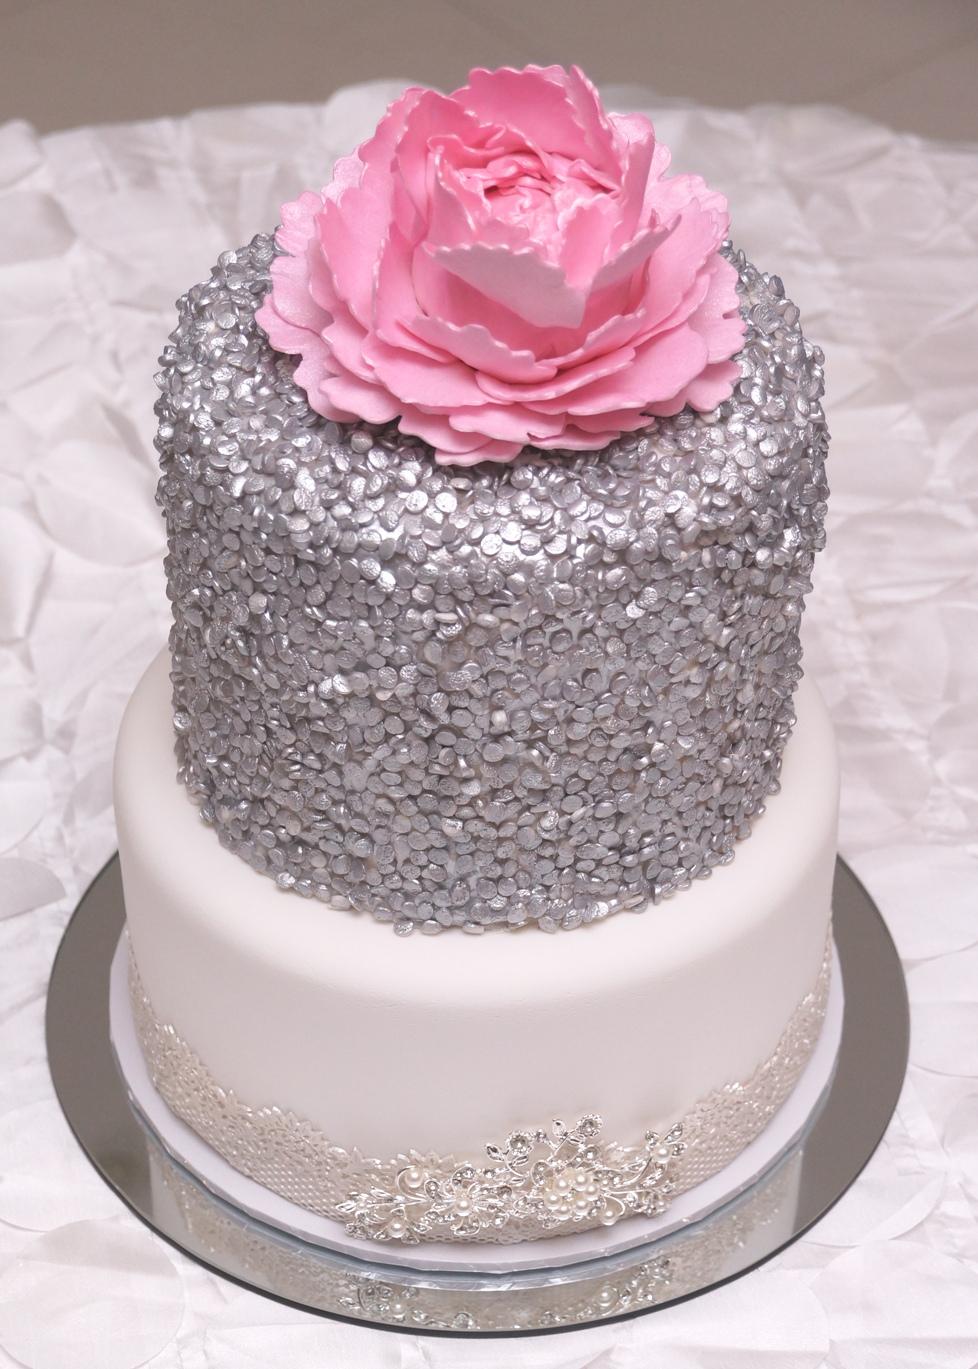 Cakeit4U wedding cake